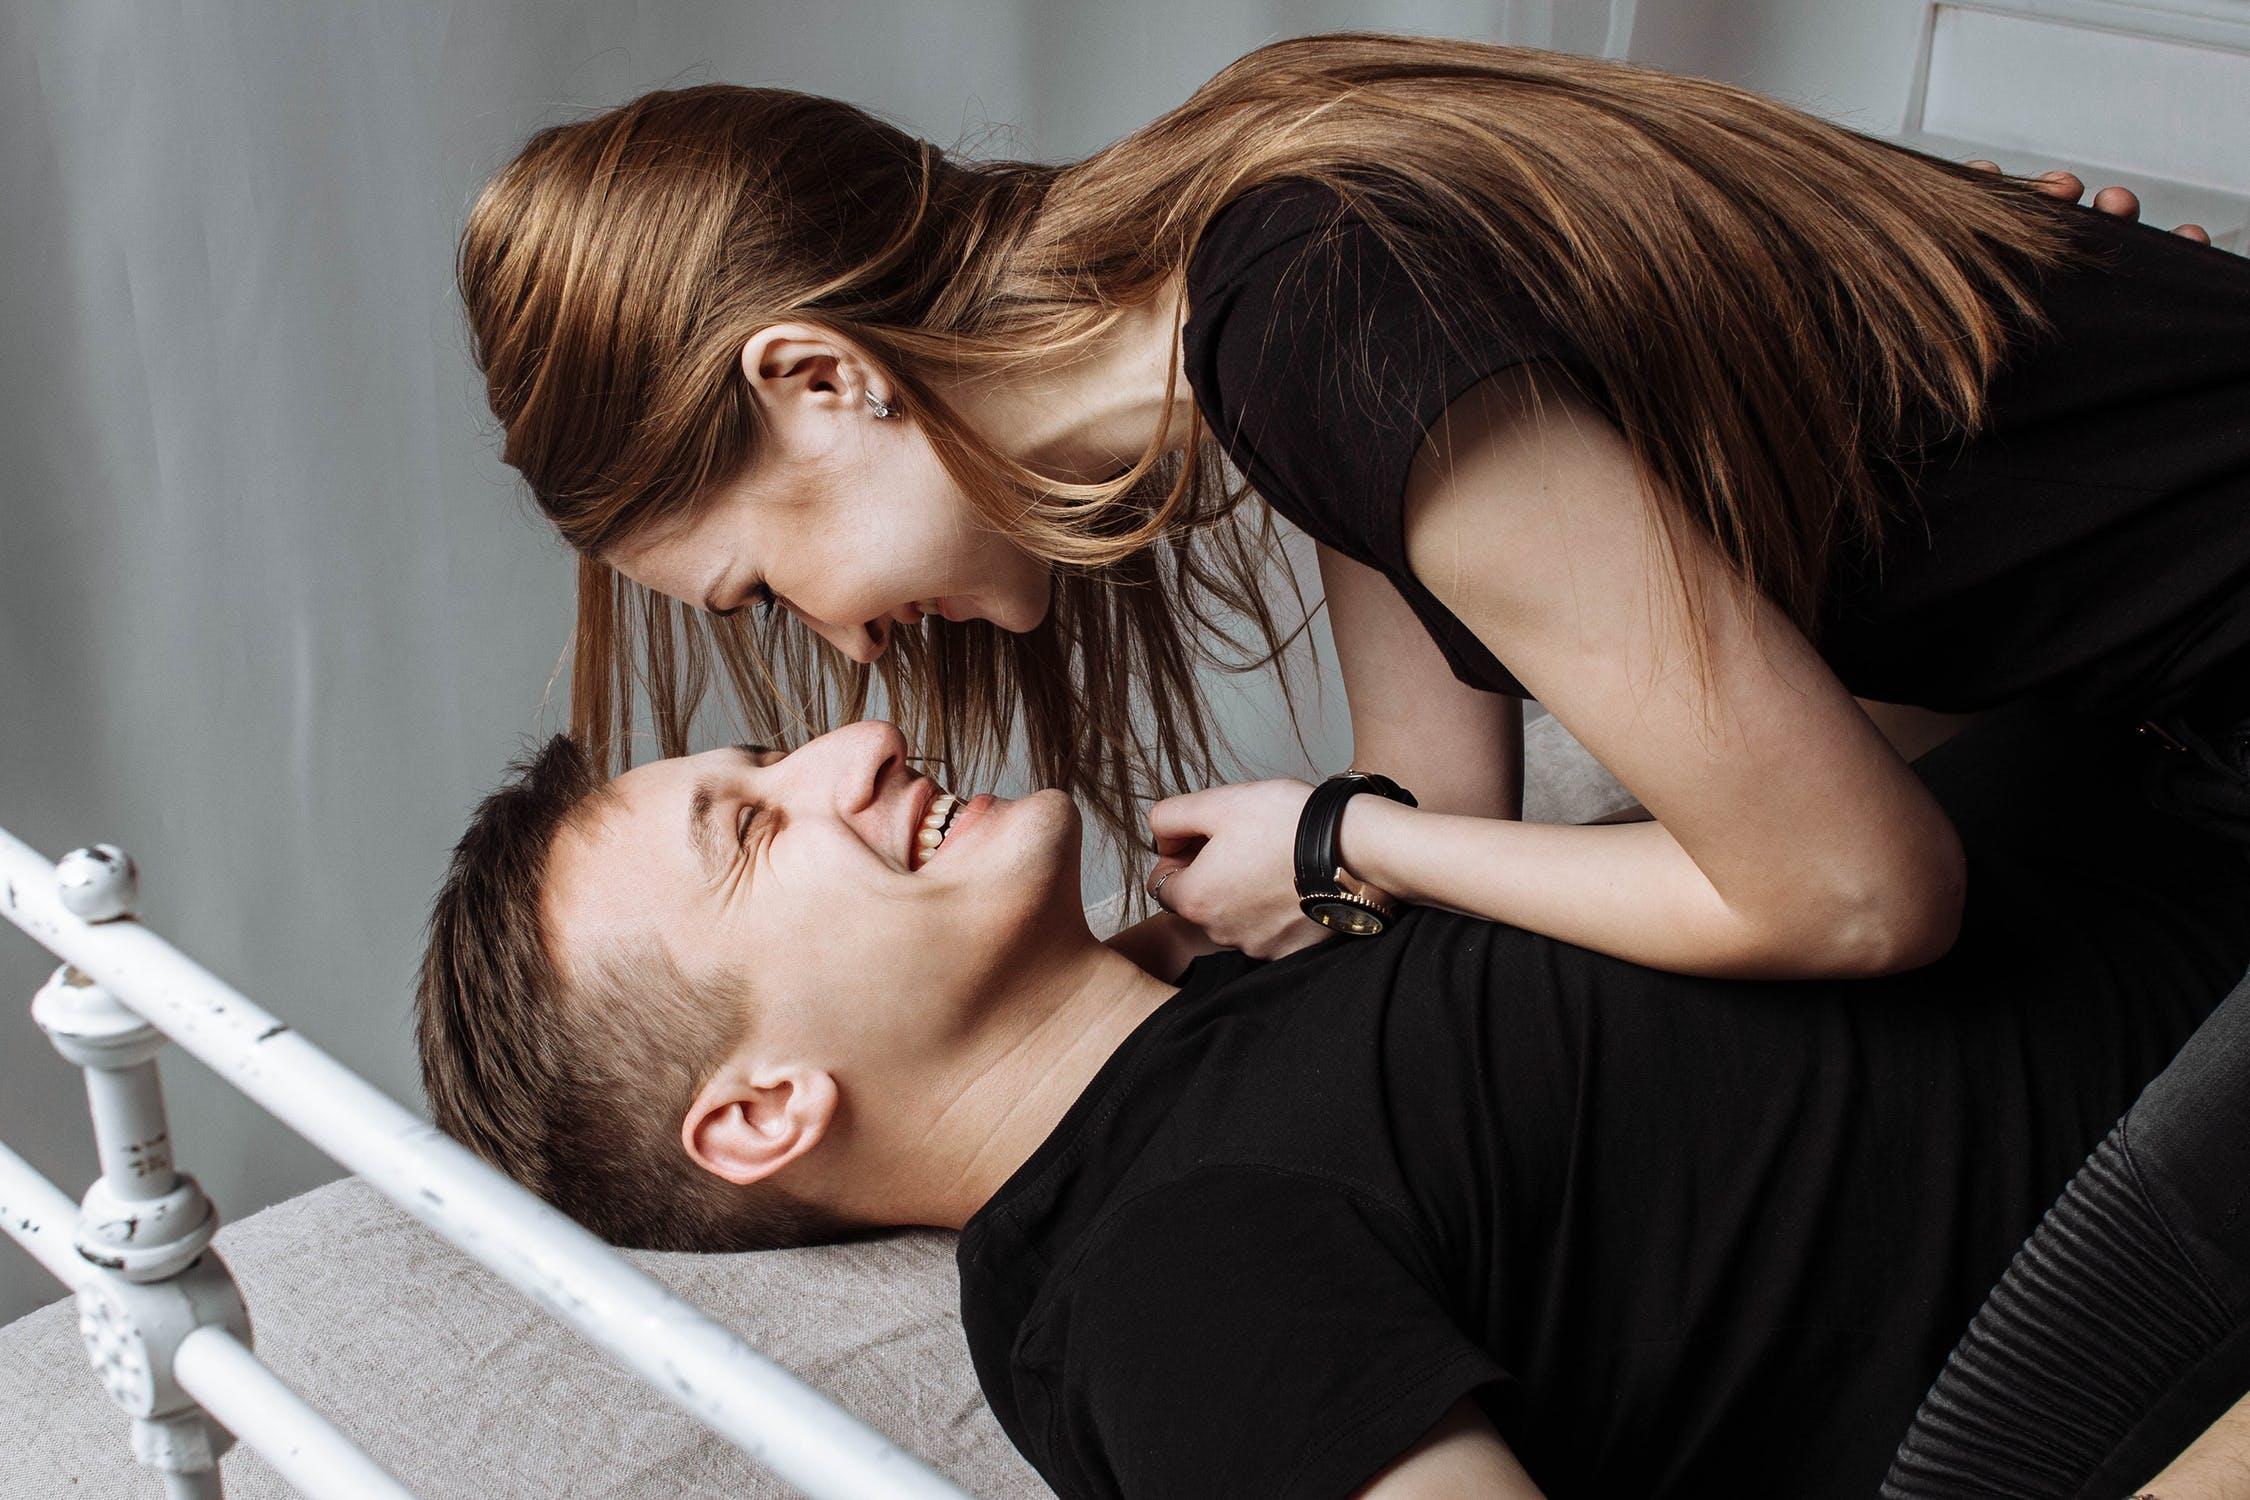 भारतीय पुरुष अशा मुलींना डेट करायला घाबरतात ज्या फार मॉडर्न किंवा फार टिपीकल असतात.